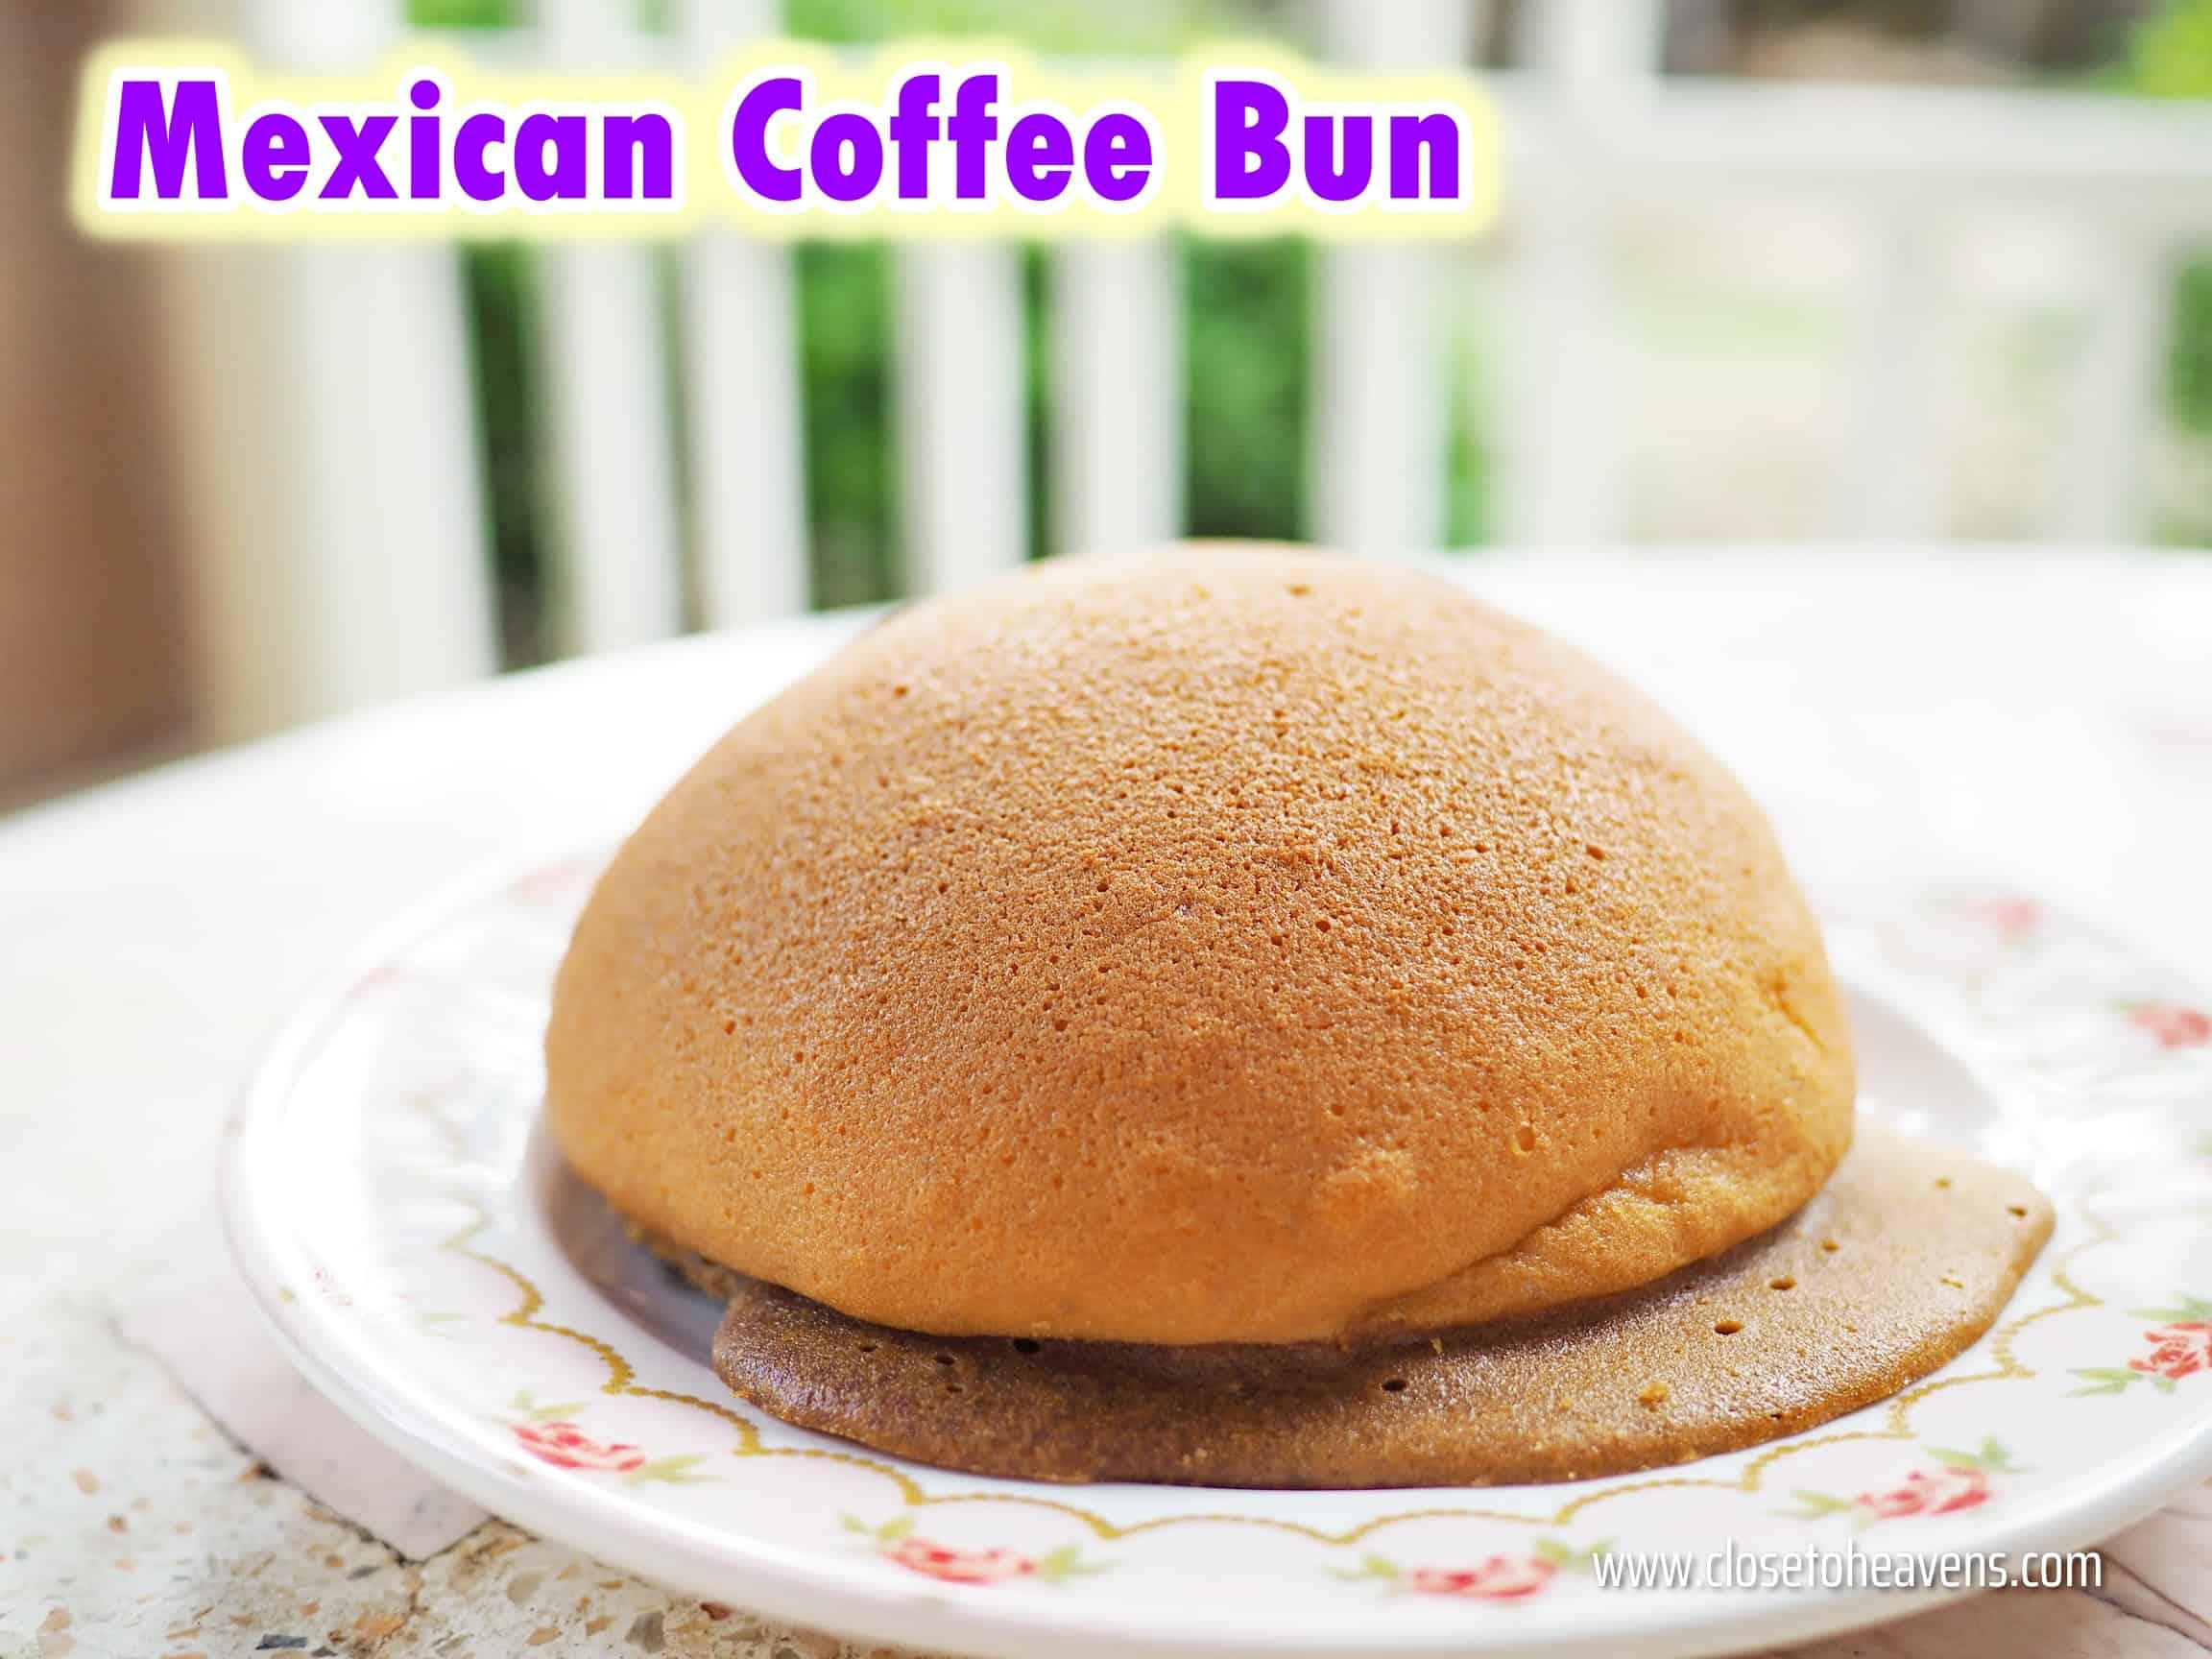 สูตรขนมปัง โรตีบอย หรือ Mexican Coffee Bun